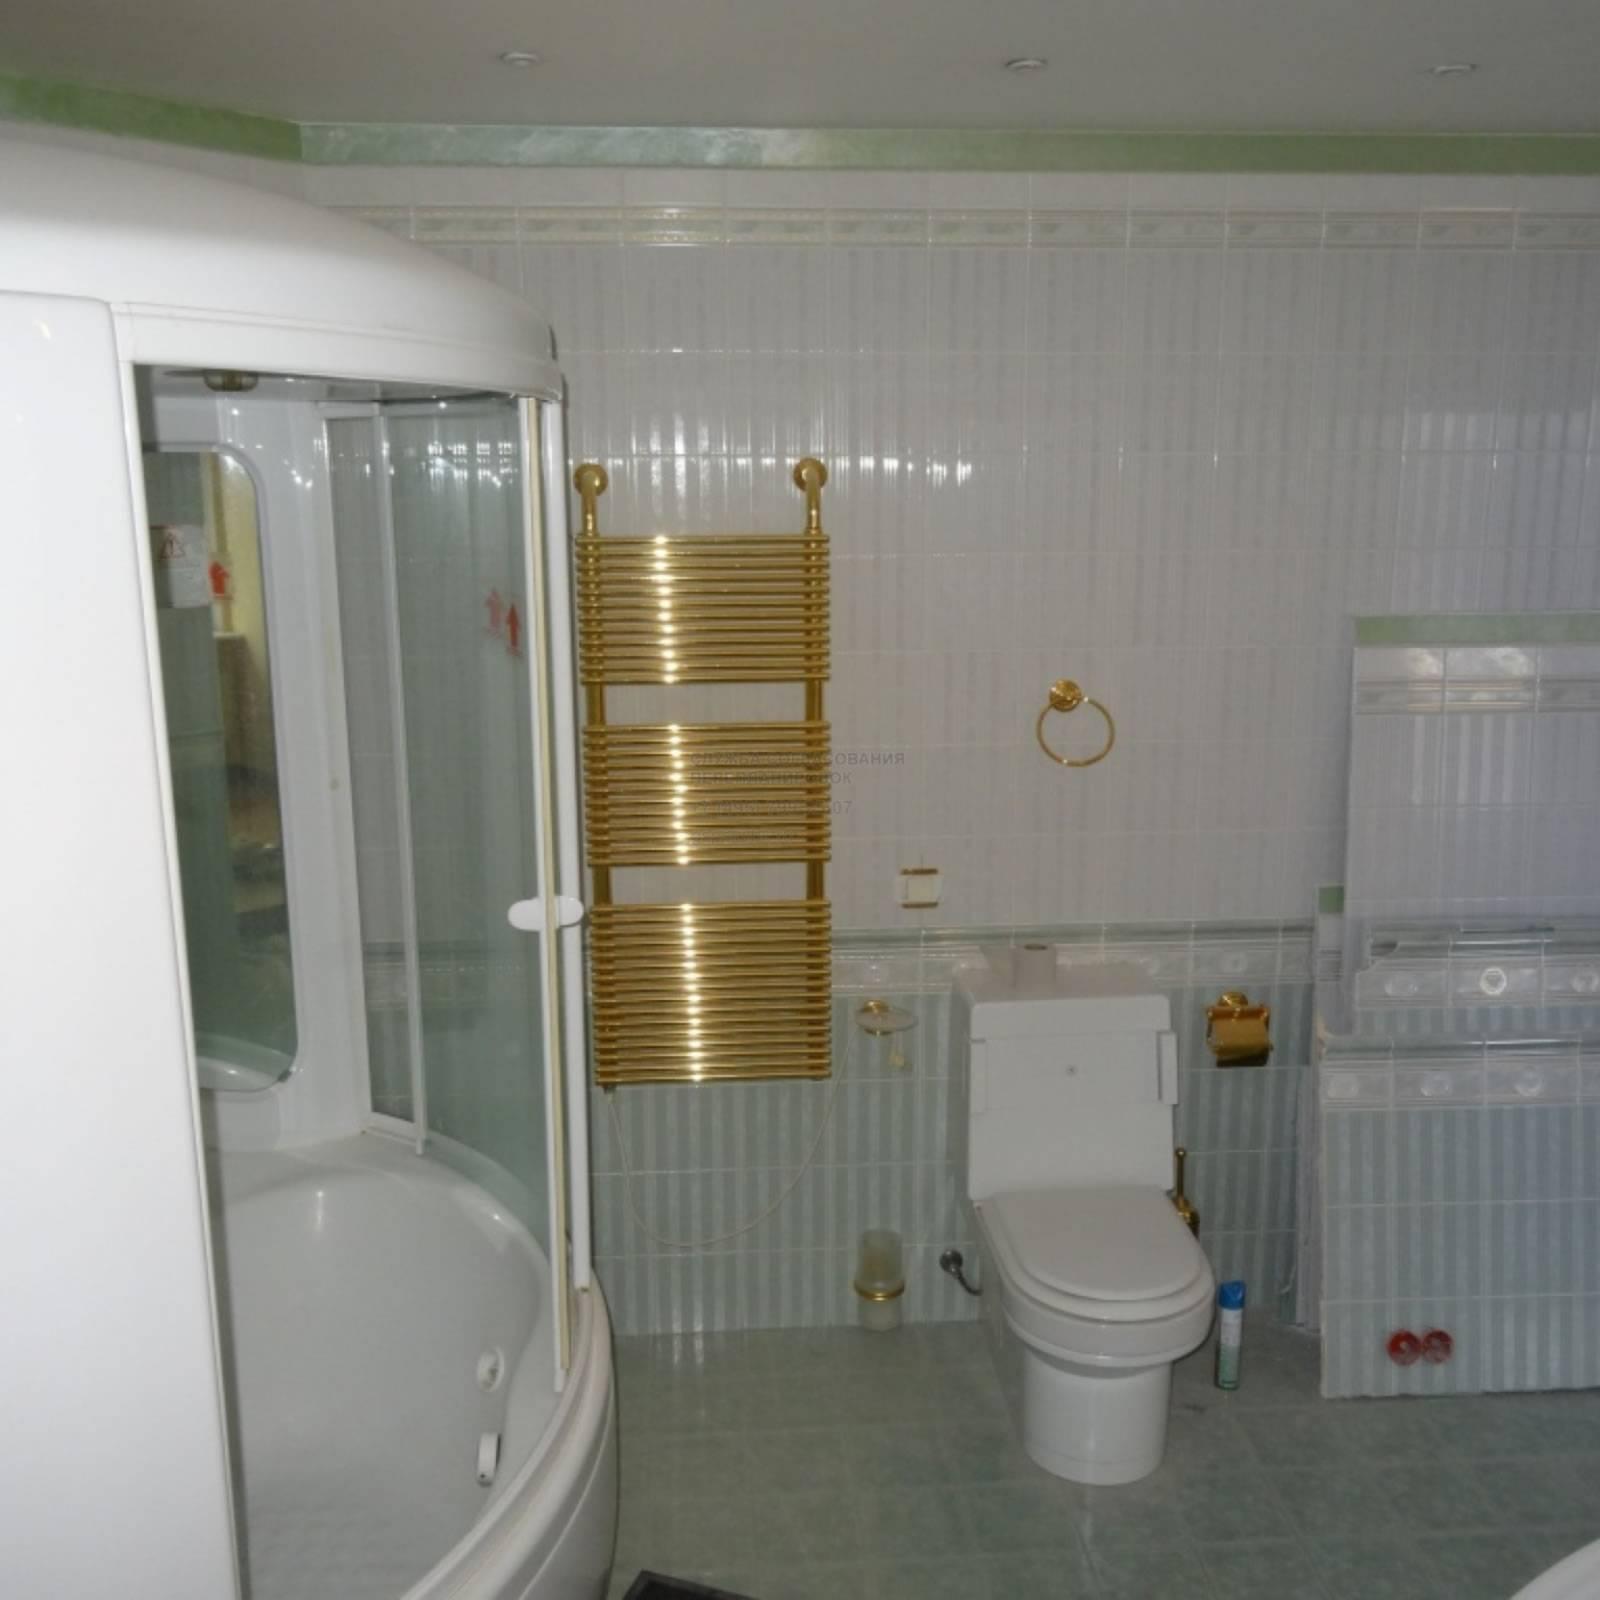 Изящный совместный санузел вместо стандартной ванной: как это реализовать